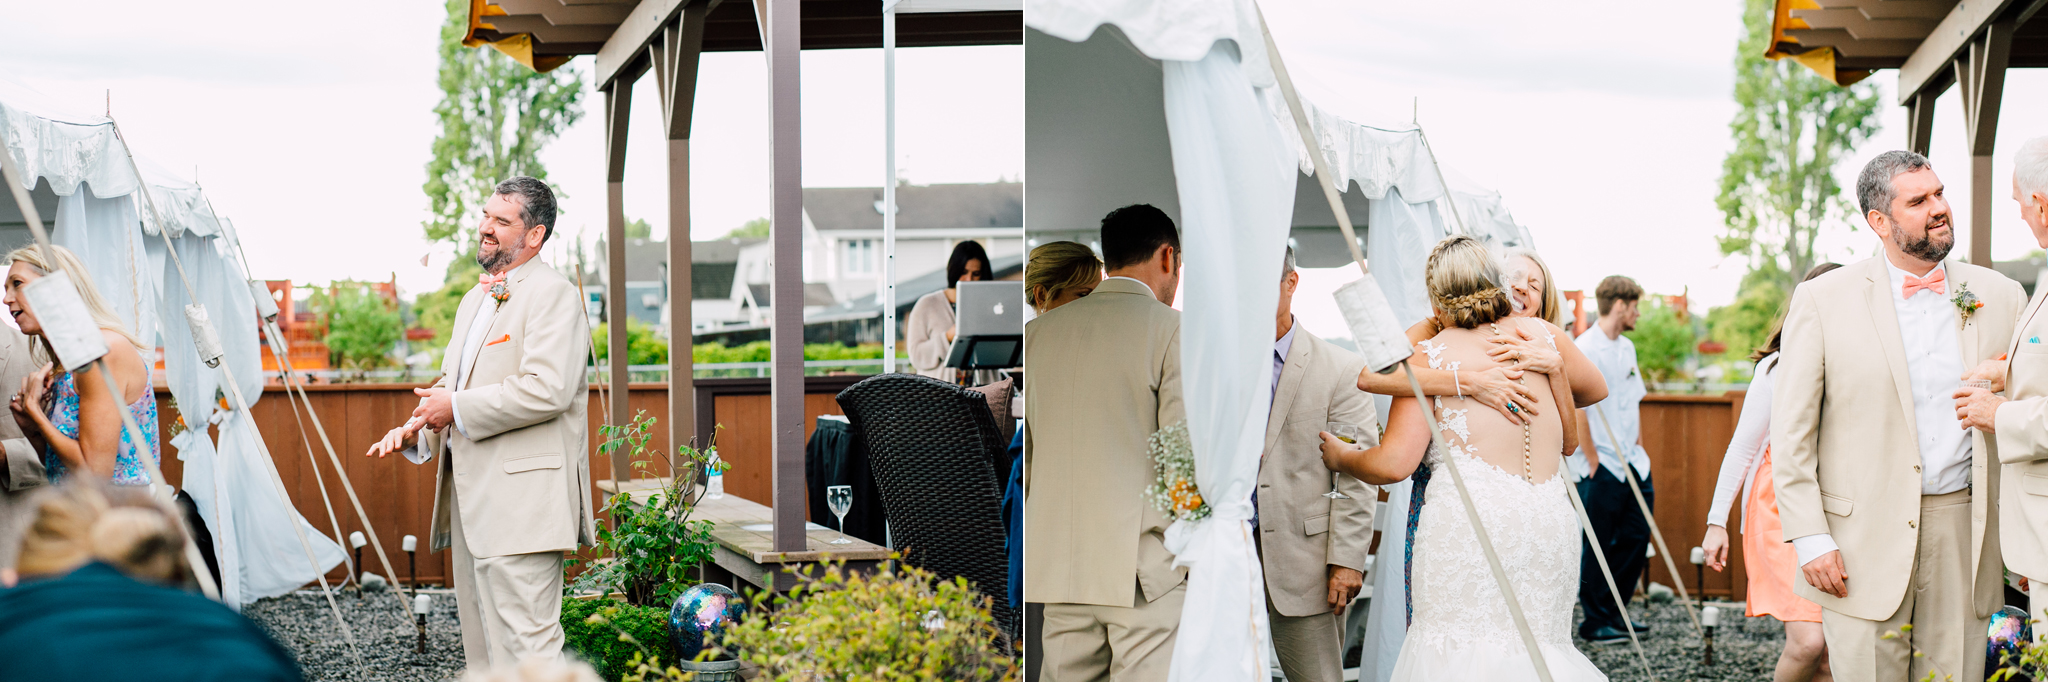 077-bellingham-wedding-photographer-beach-katheryn-moran-elisa-phillip.jpg